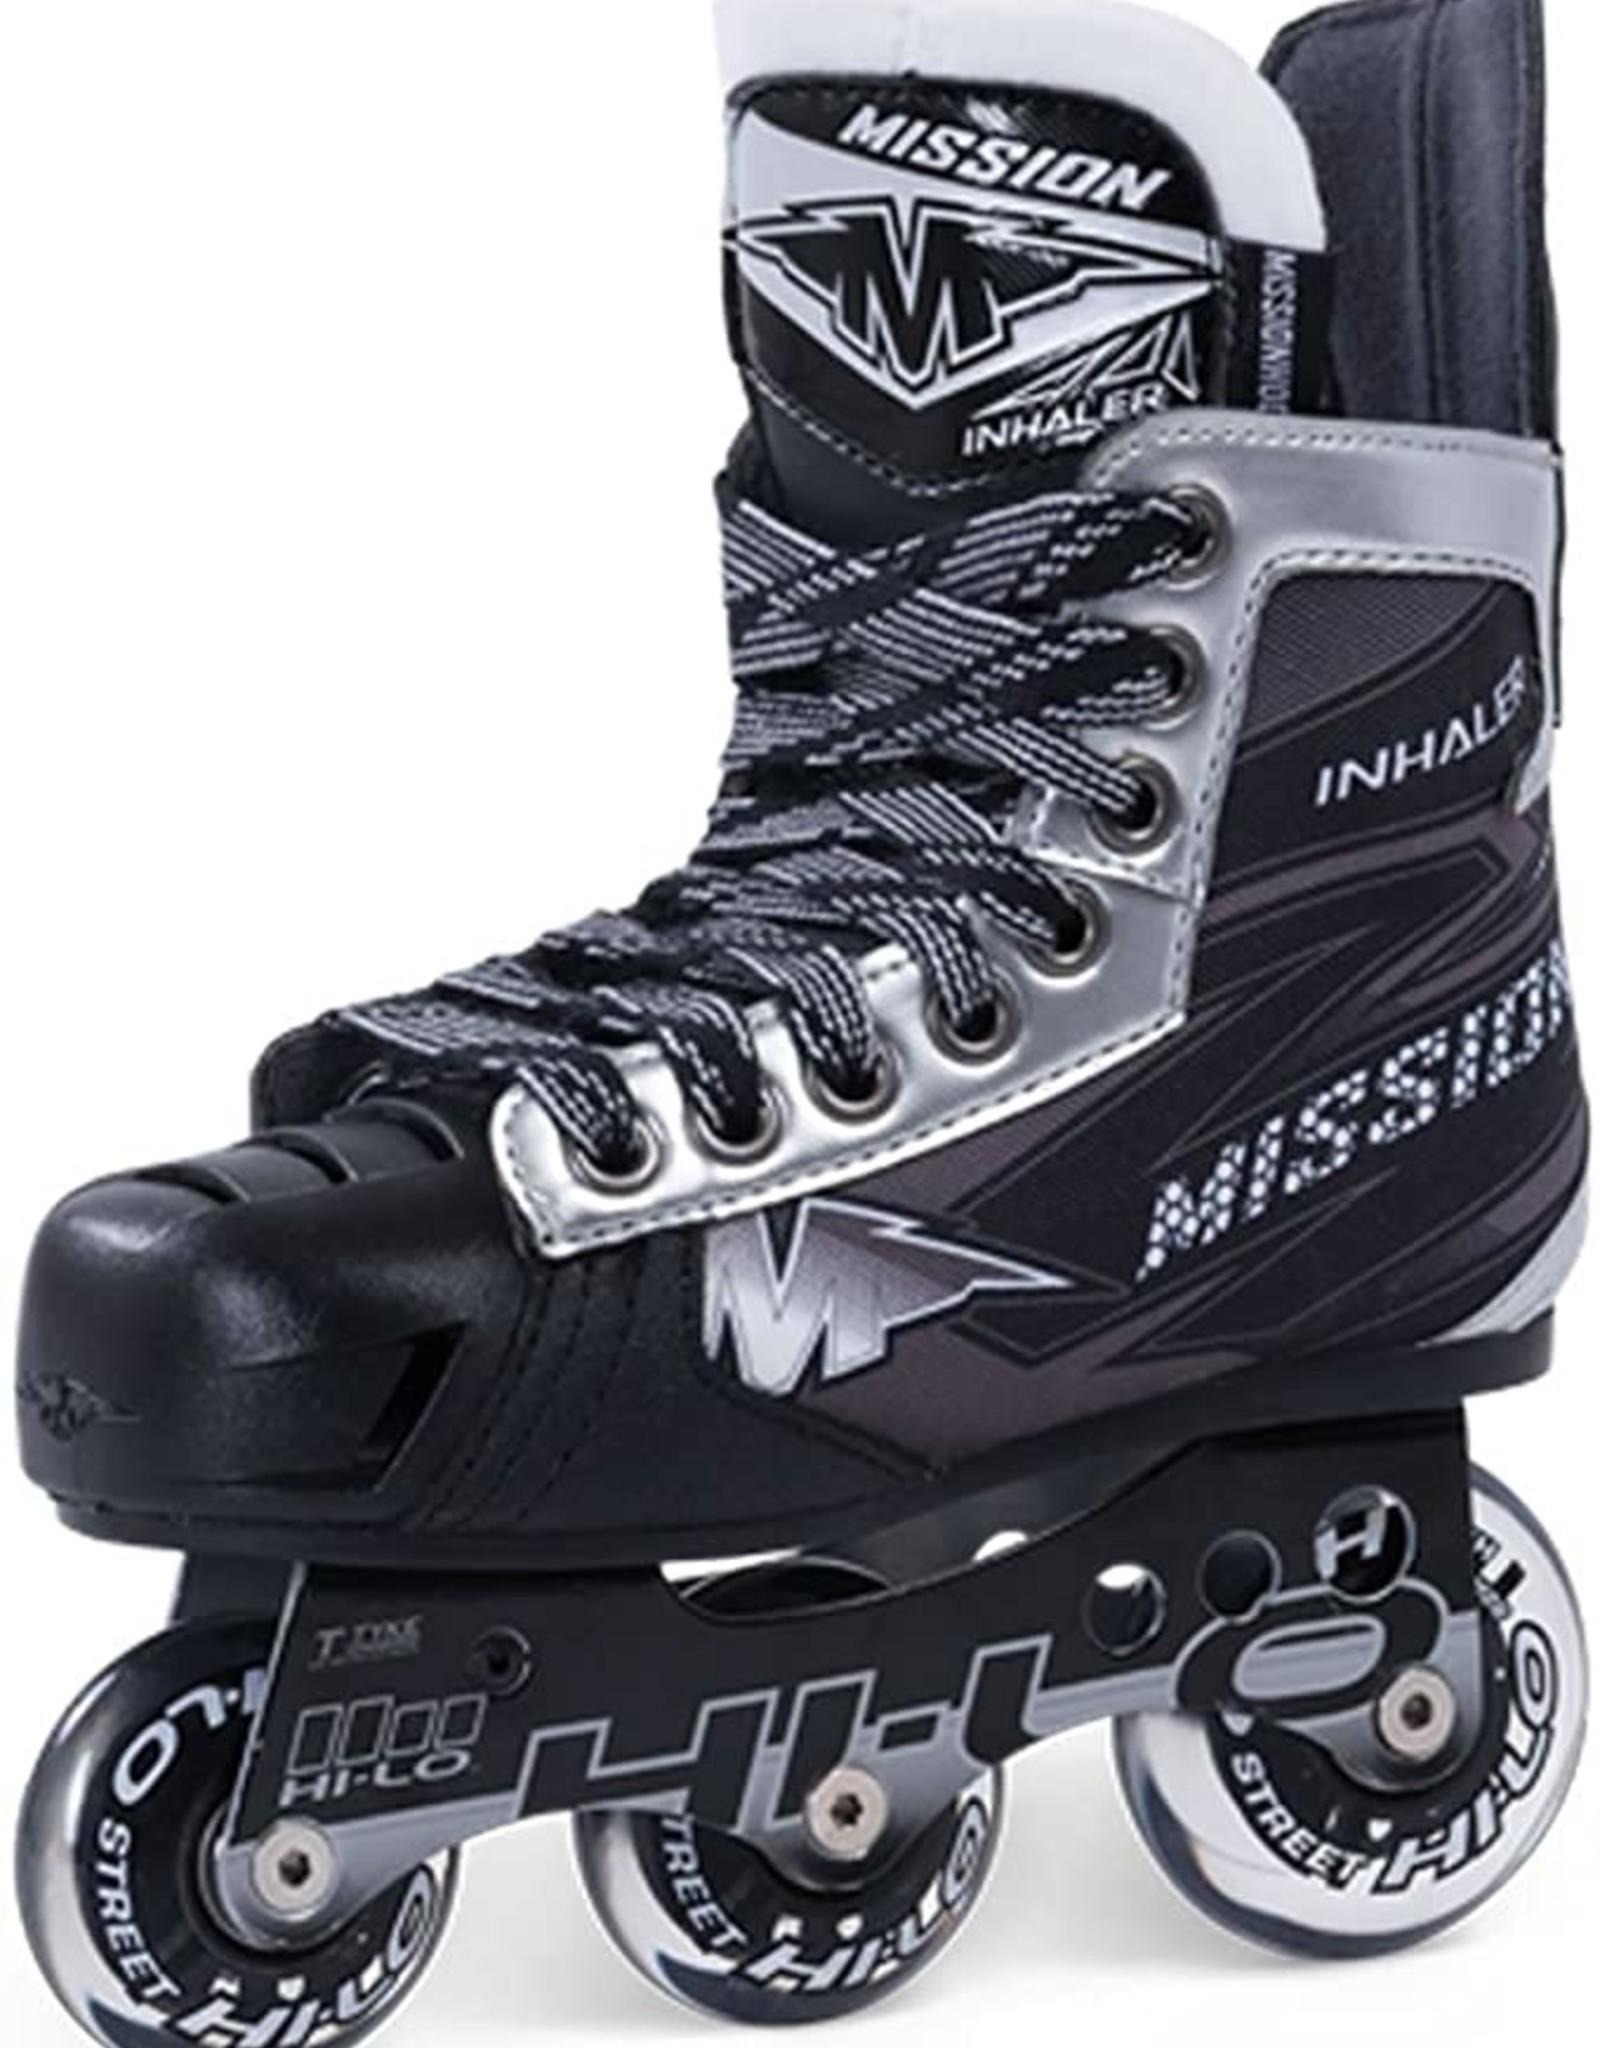 Inhaler NLS06 Hockey Skate